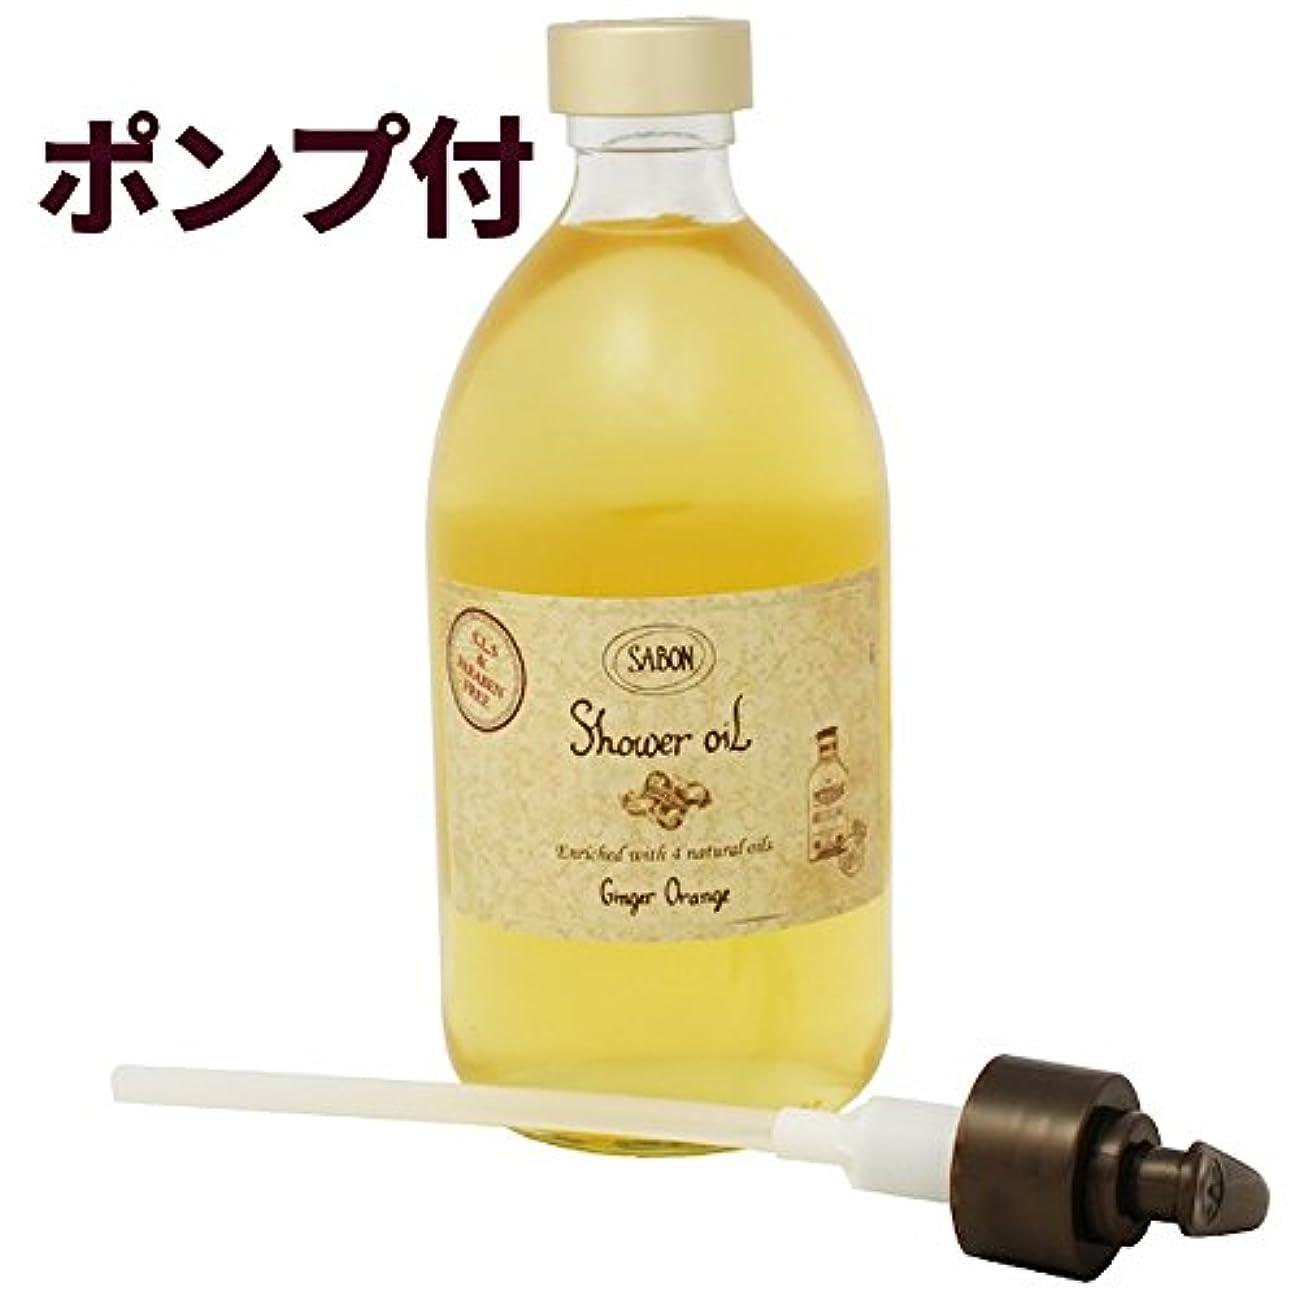 バイパスセレナ革新サボン シャワーオイル ジンジャーオレンジ 500ml(並行輸入品)